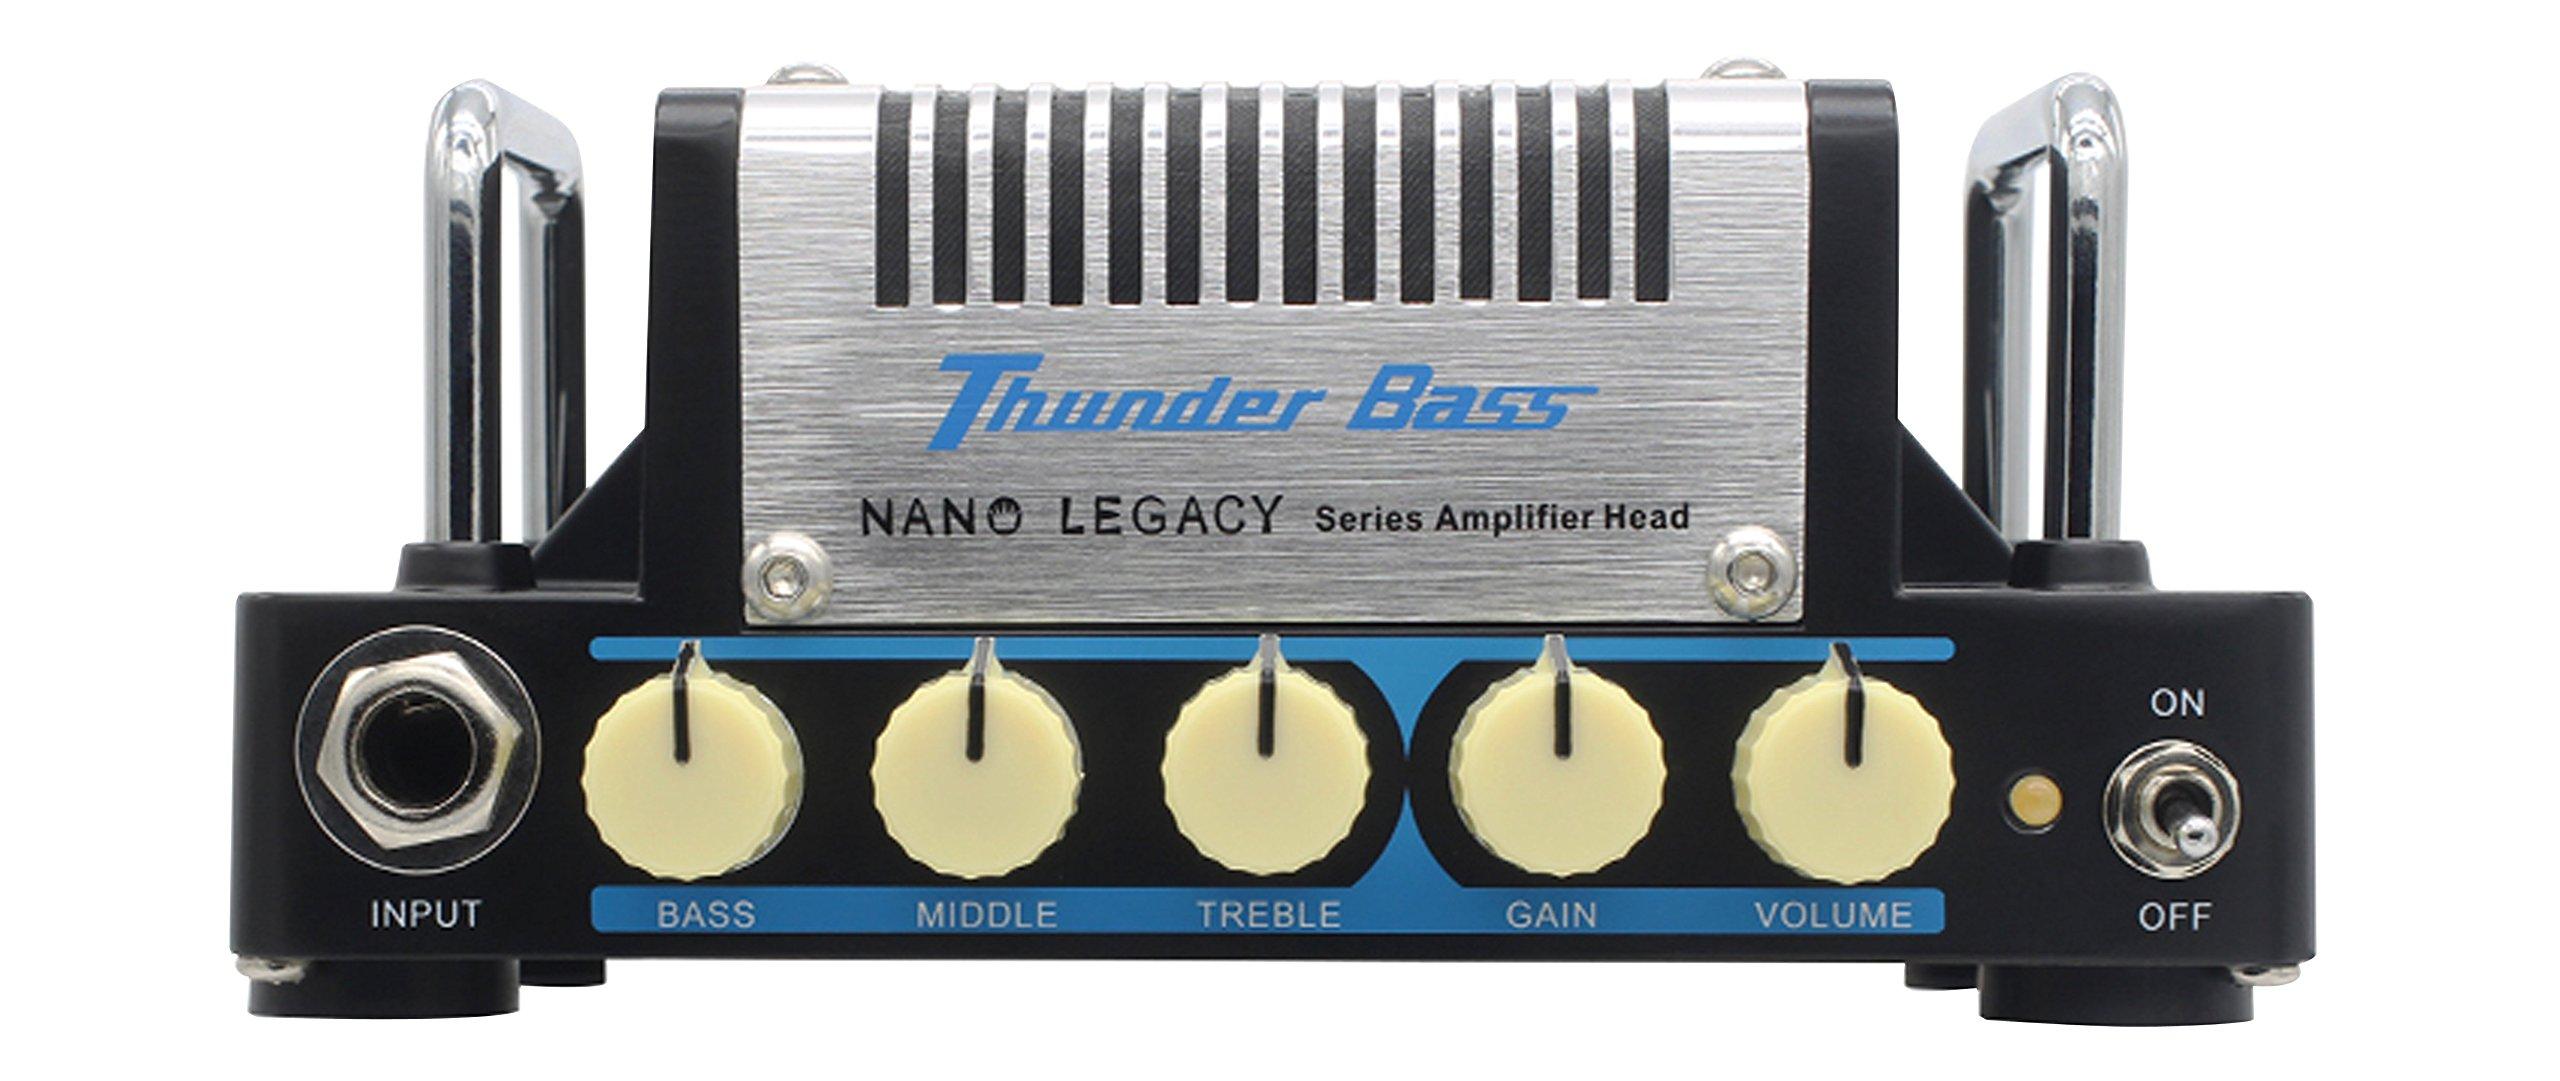 Hotone Thunder Bass 5 Watt Mini Bass Guitar Amplifier Head